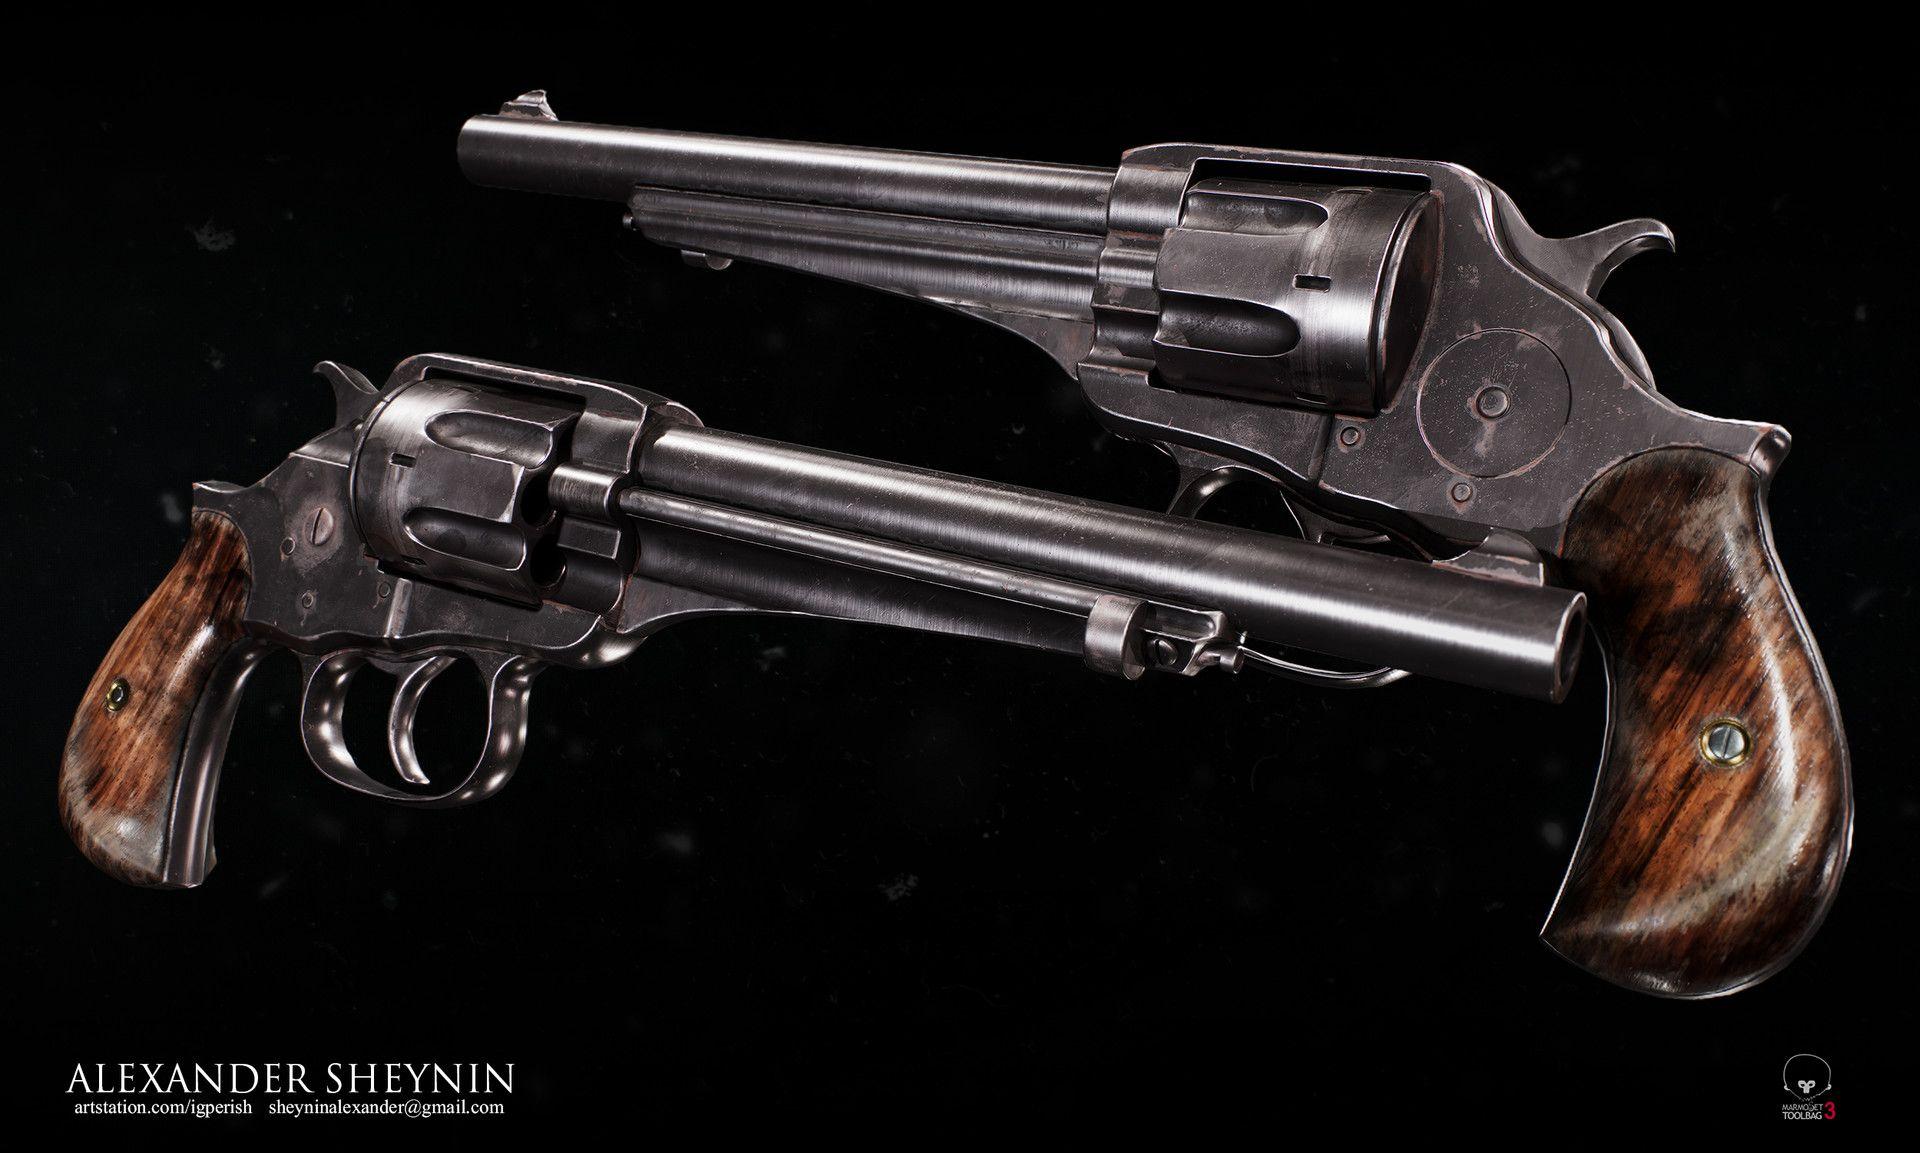 ArtStation - Revolver, Alexander Sheynin | Gun stuff | Guns